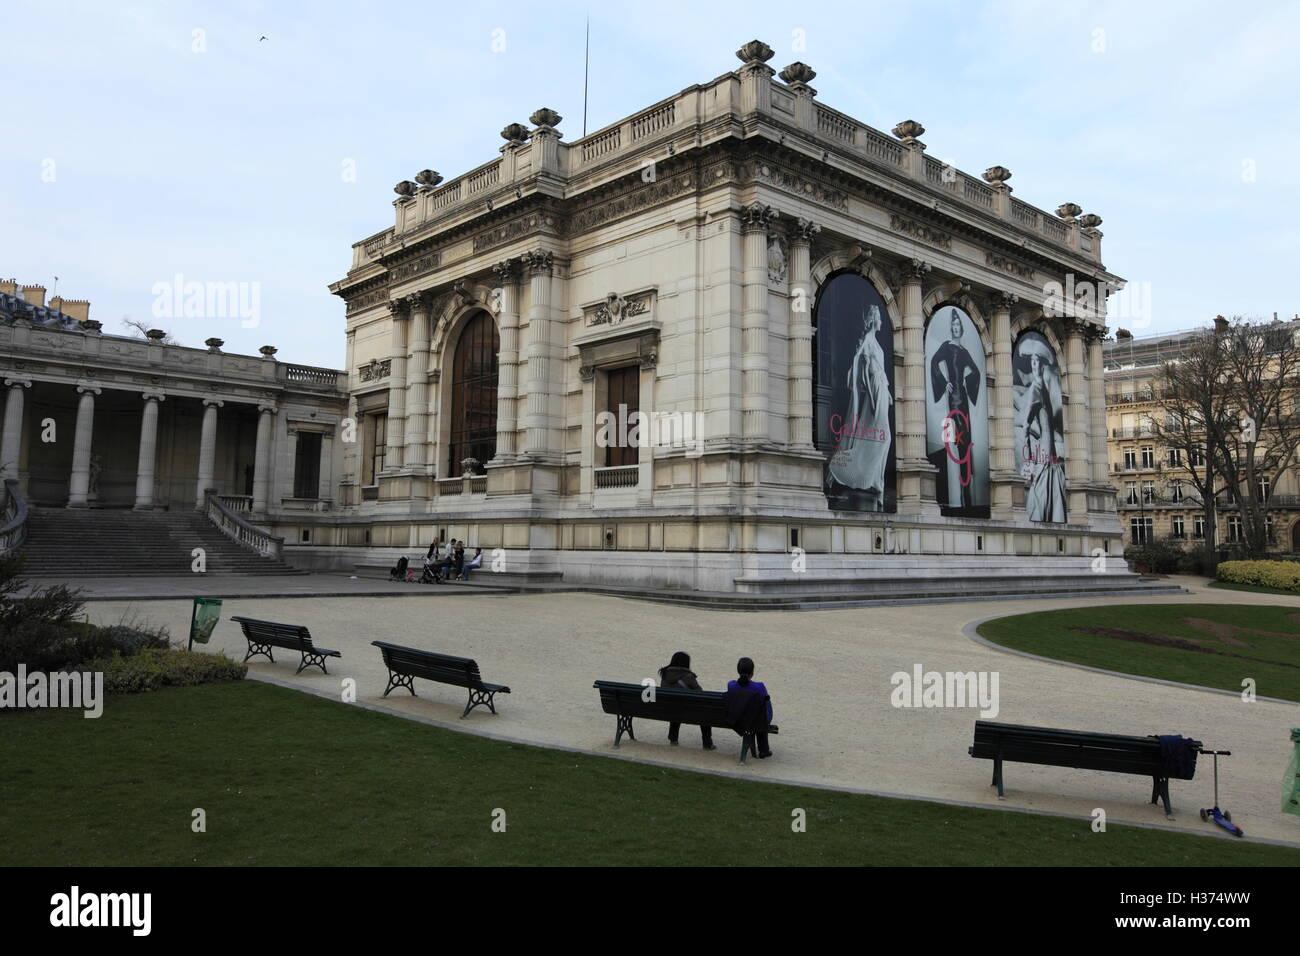 Palazzo In Stile Rinascimentale Del Palais Galliera House Musee De